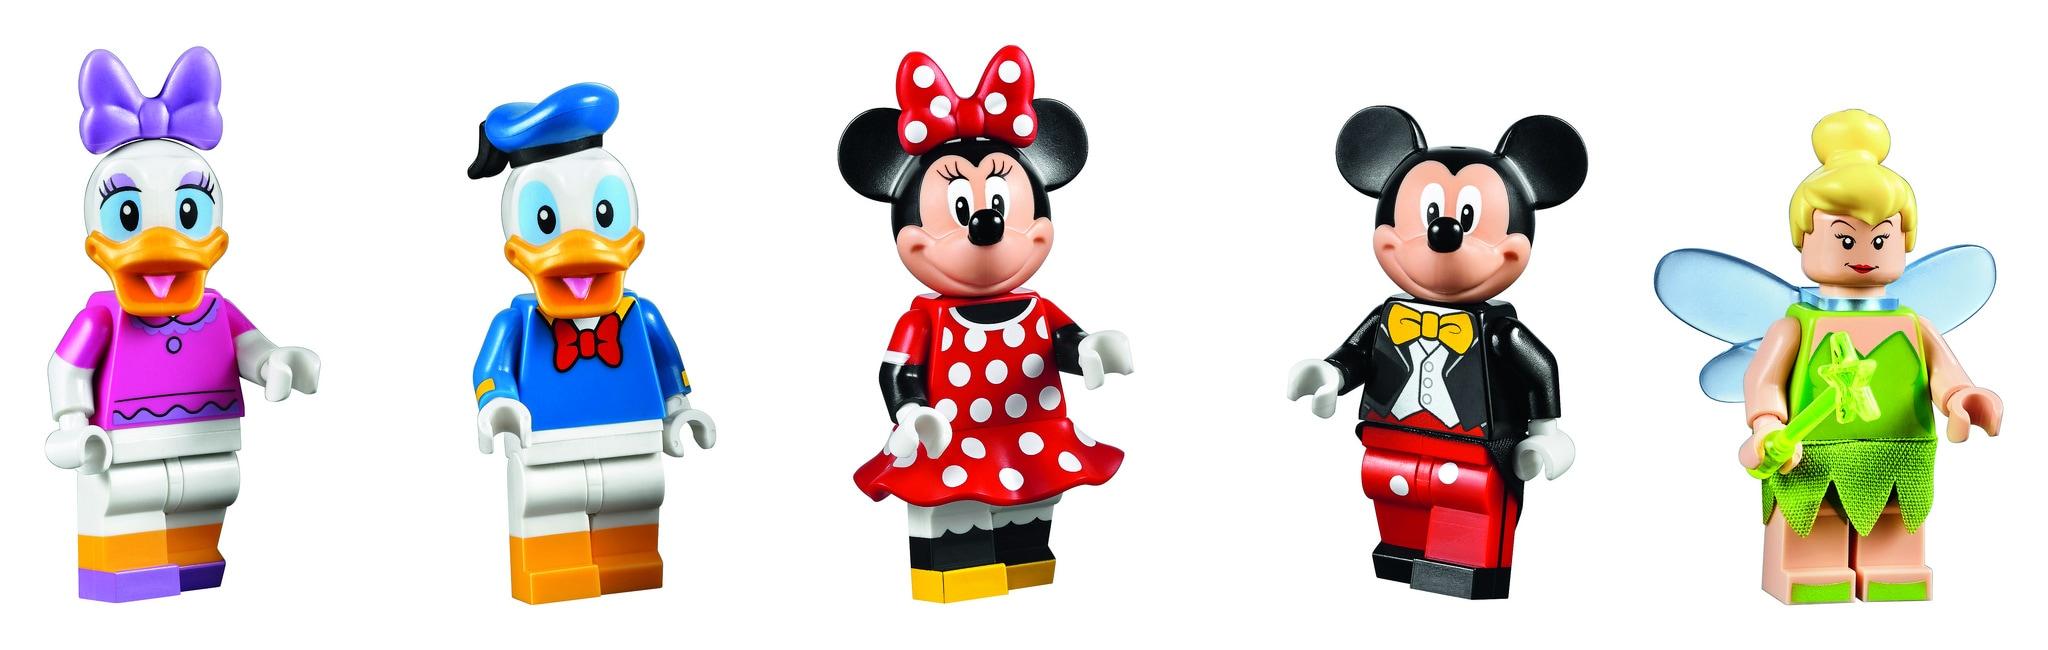 LEGO 71040 The Disney Castle minifigure – 6